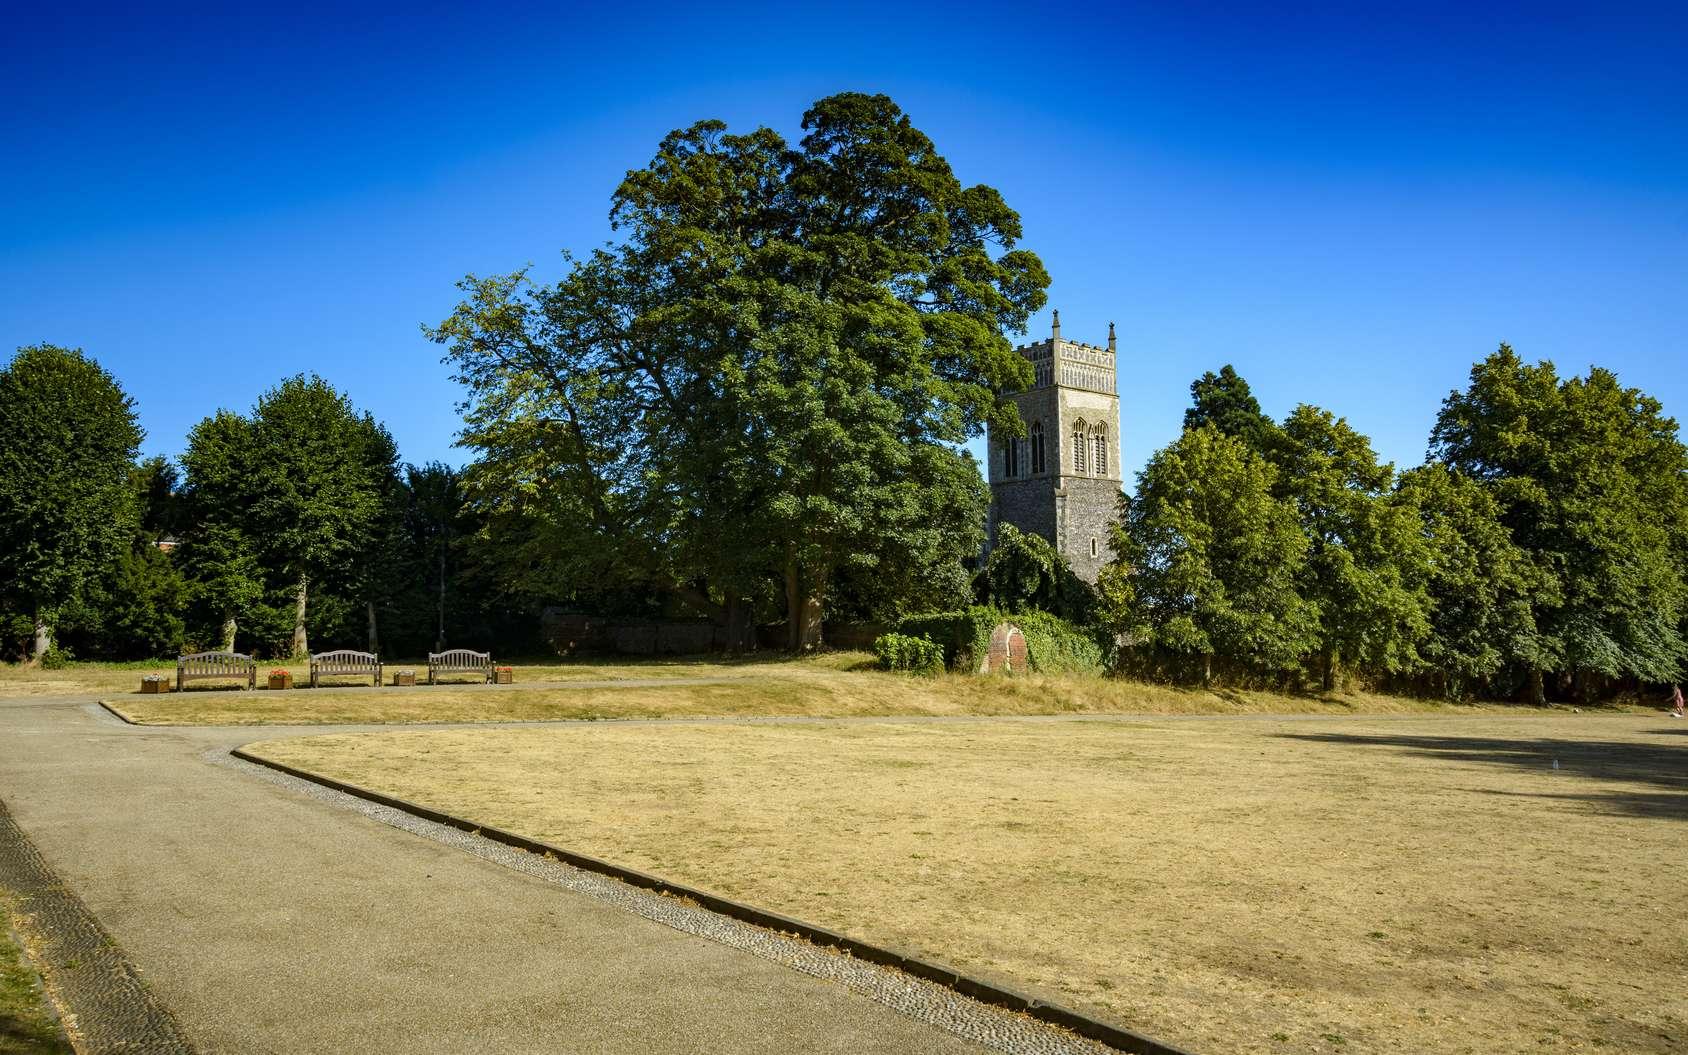 L'Angleterre est touchée par une importante sécheresse depuis plusieurs semaines. Beaucoup de parcs anglais ont perdu de leur éclat vert. Le nord de la France aussi est touchée par une sécheresse inhabituelle. © Lance Bellers, Fotolia